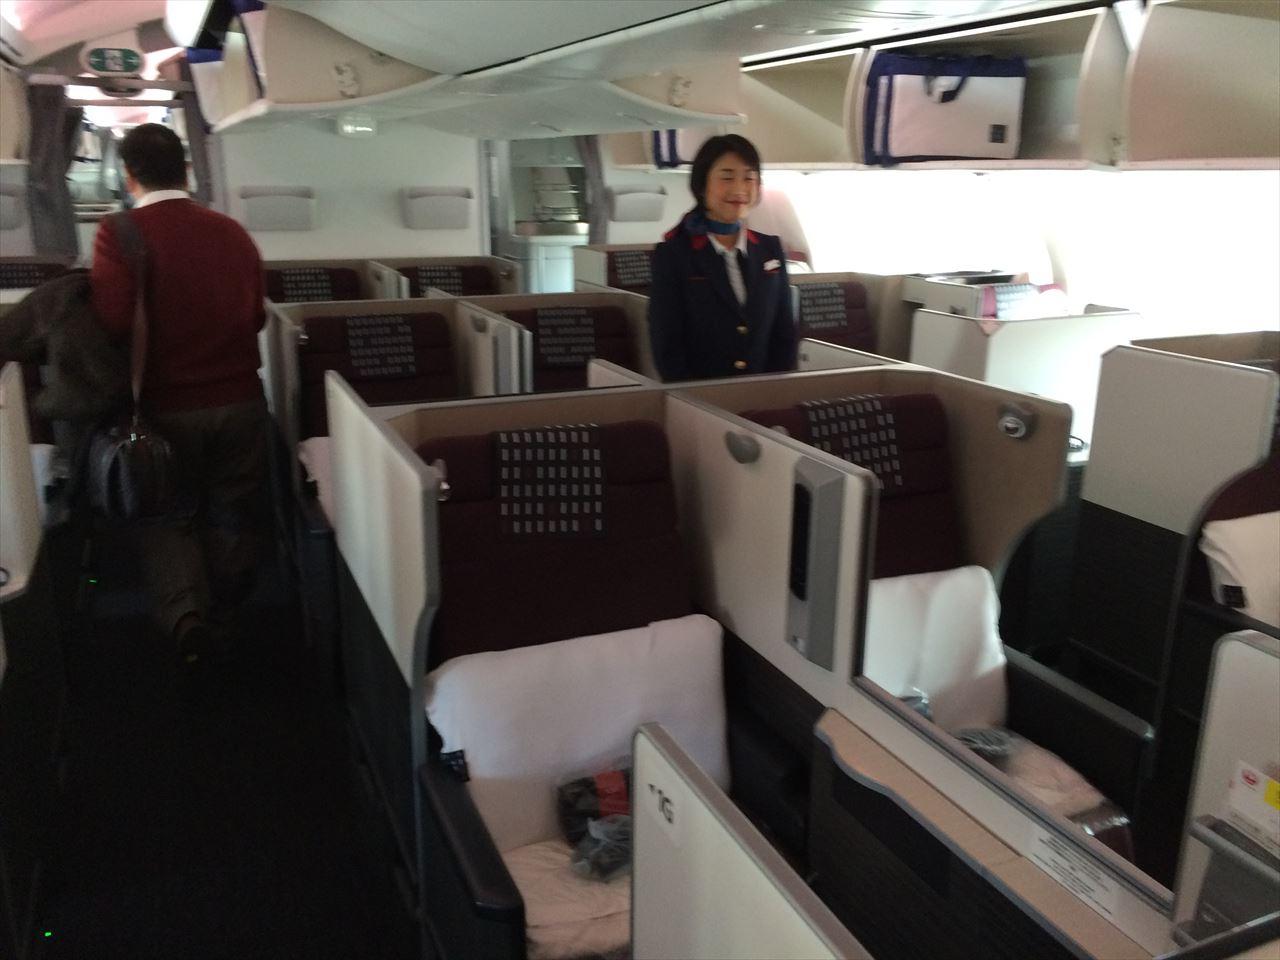 それに今回向かうフランクフルト便には昨年秋からボーイング787による運航しかもJALの新ビジネスクラス「JAL SKY  SUITE」が導入されていましたこのJAL SKY SUITE窓際は